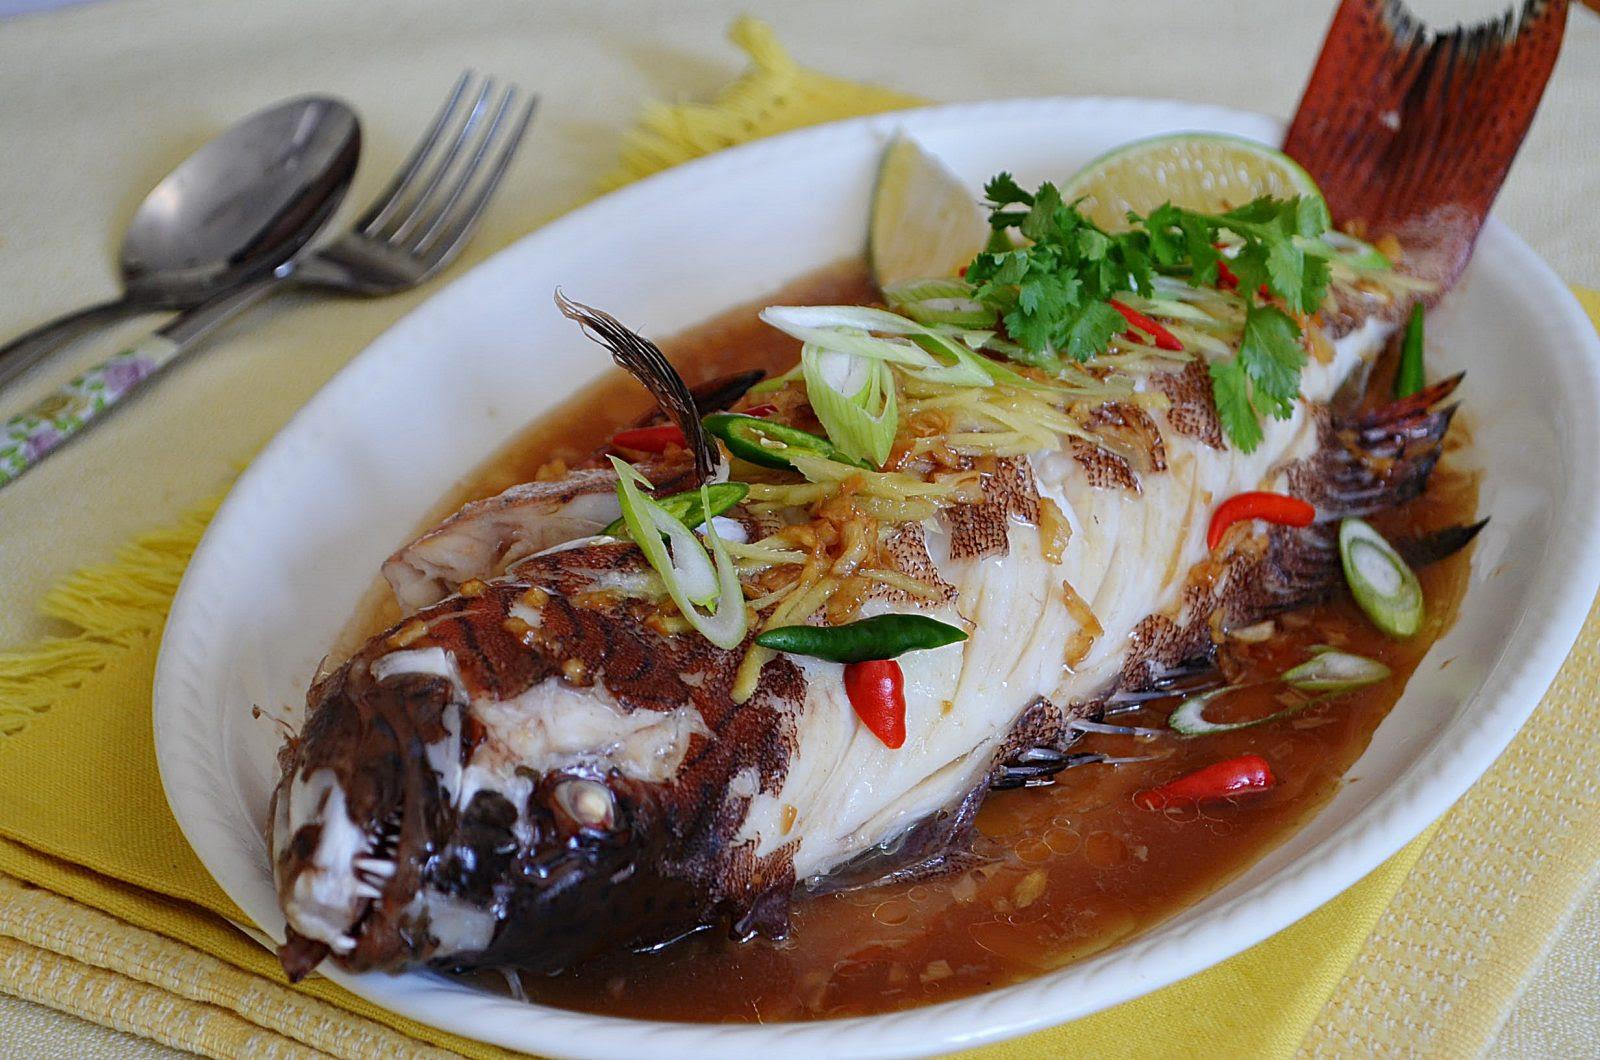 resepi ayam masak merah periuk noxxa resepi book Resepi Nasi Goreng Paprik Azie Kitchen Enak dan Mudah